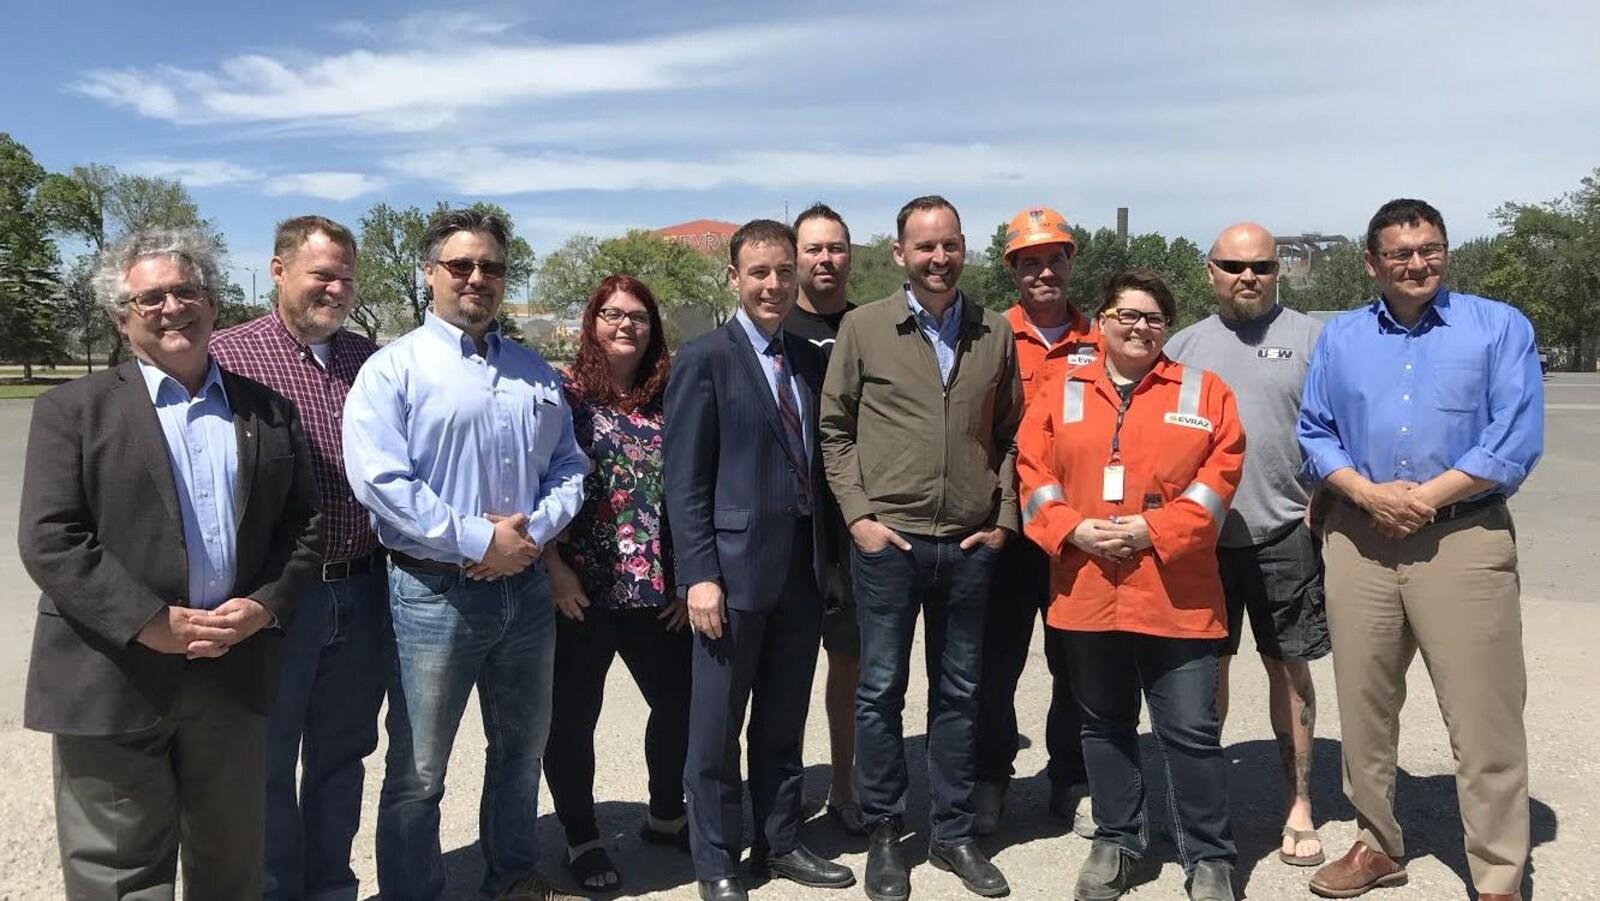 Photo de groupe avec Ryan Meili, des membres du NPD et des travailleurs de l'aciérie Evraz